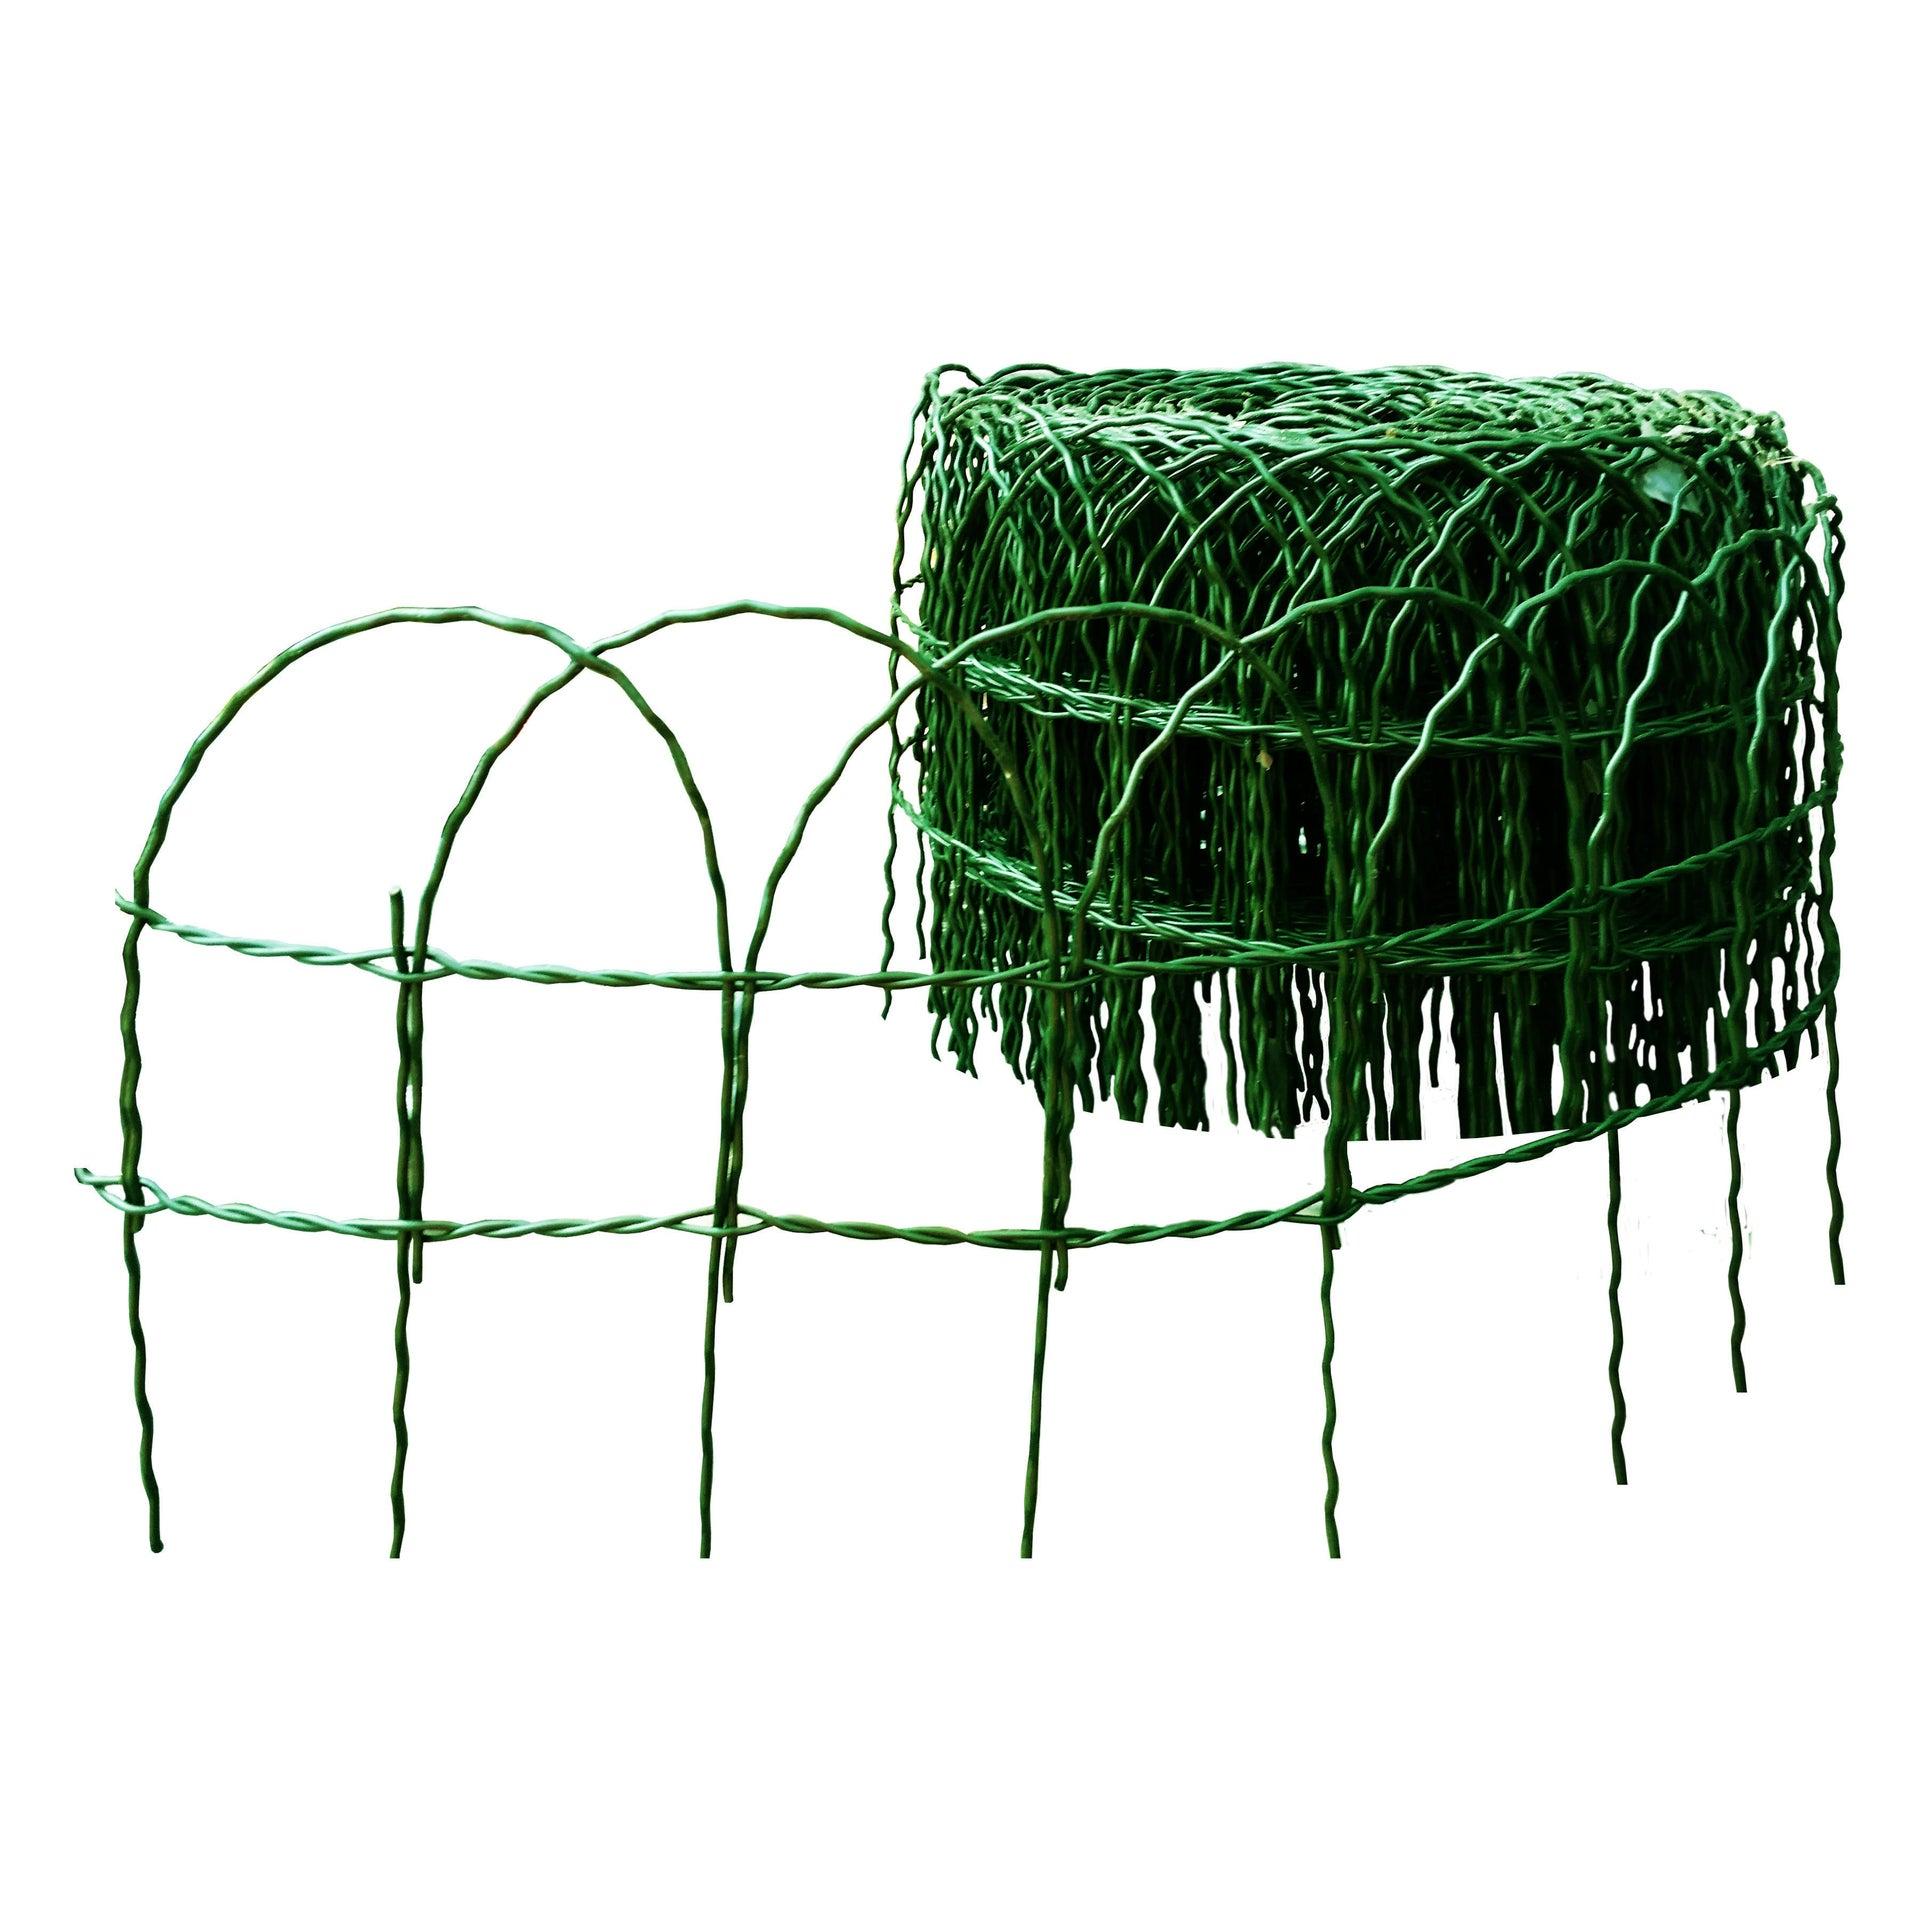 Bordura in rotolo in acciaio galvanizzato verde ral 6005 Ornaplast L 1000 x H 40 cm Sp 0.34 cm